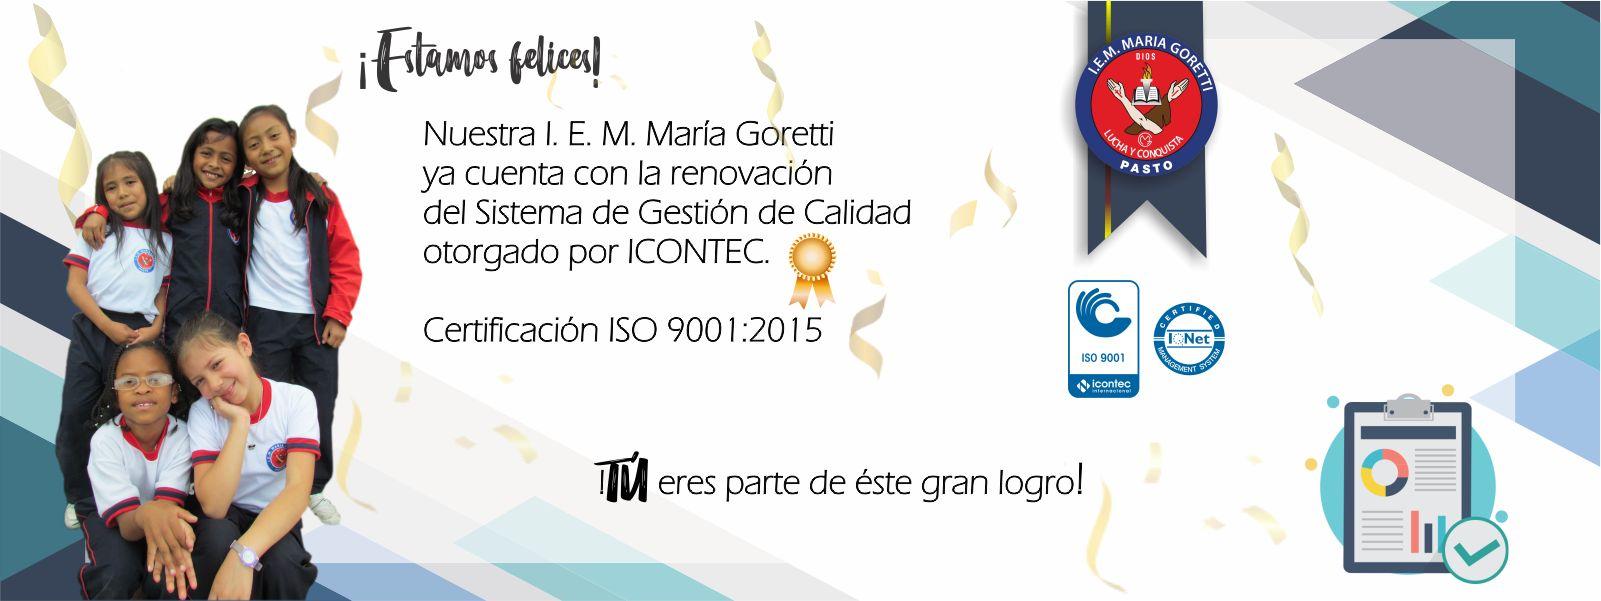 Estamos certificados con ISO 9001:2015